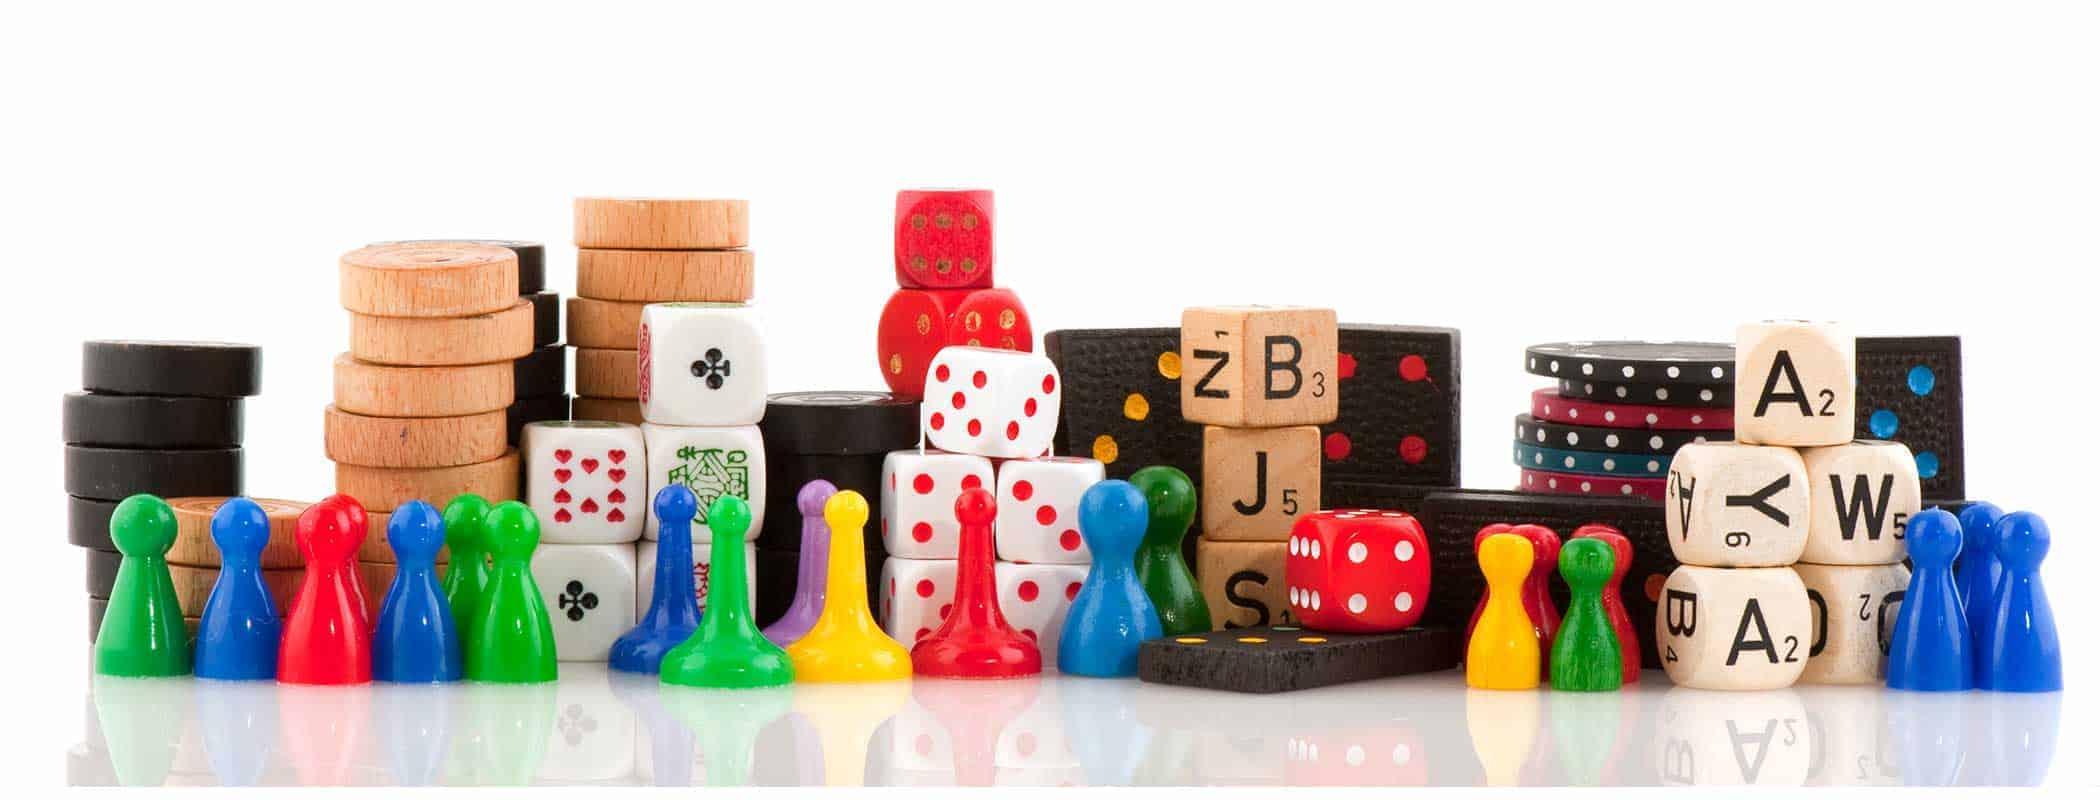 Board Game Designer